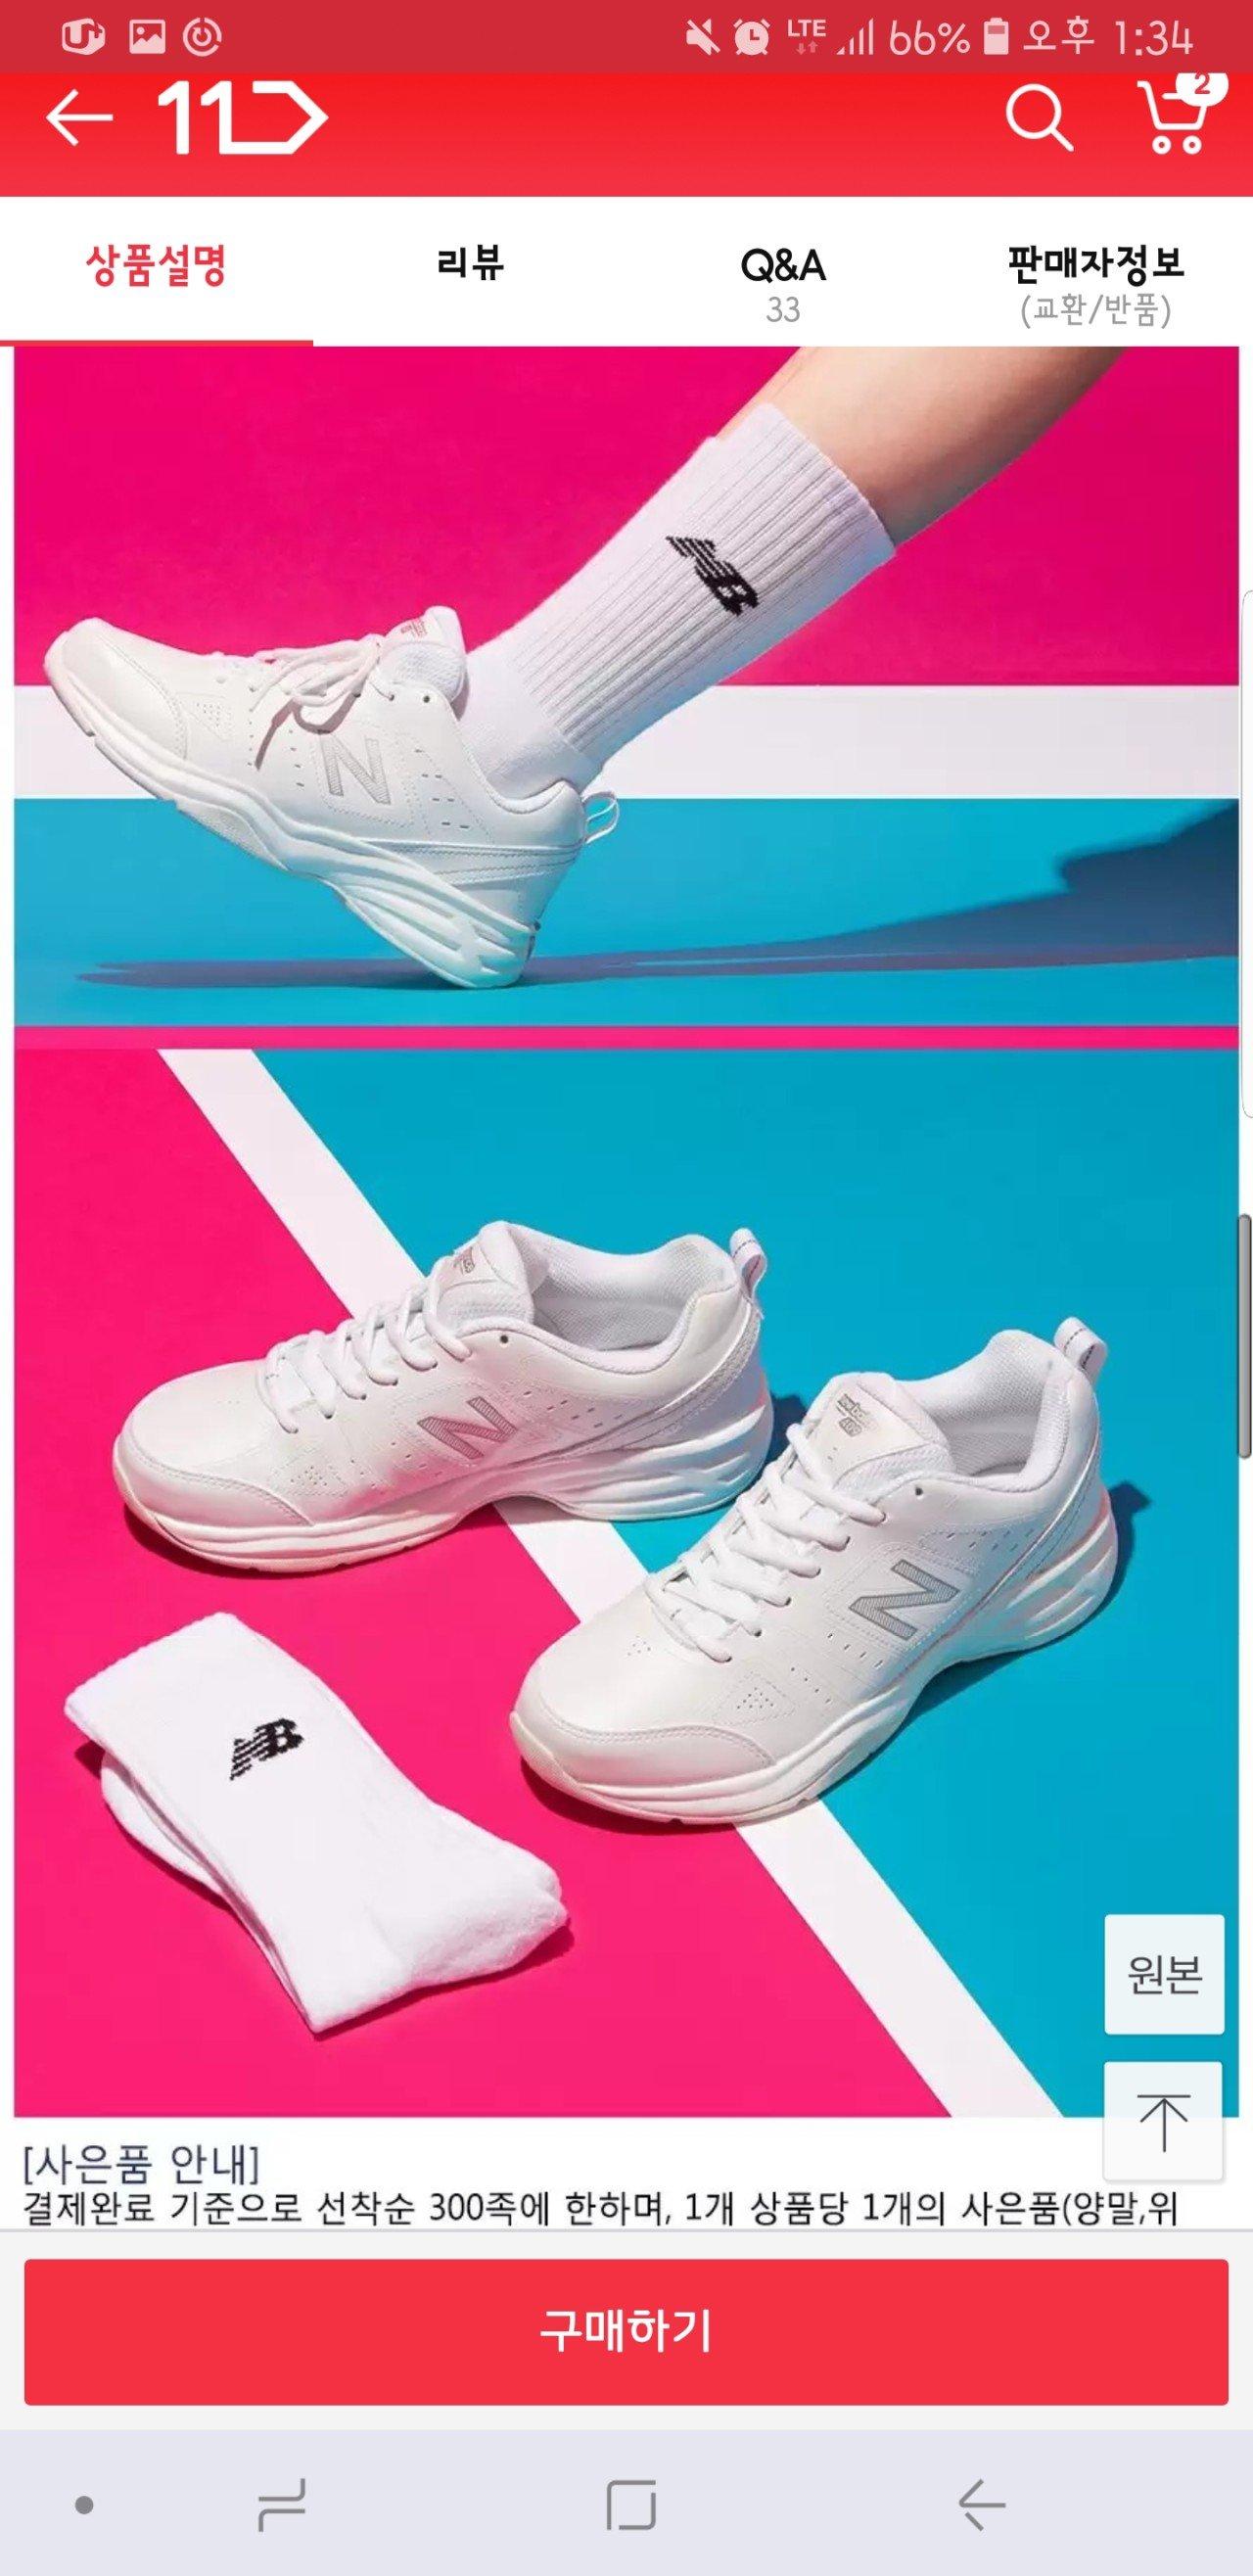 67f0fc8e1d1 Screenshot_20181203-133457_11st.jpg 뉴발 신발 하나만 봐주세요ㅜㅅㅜ ...